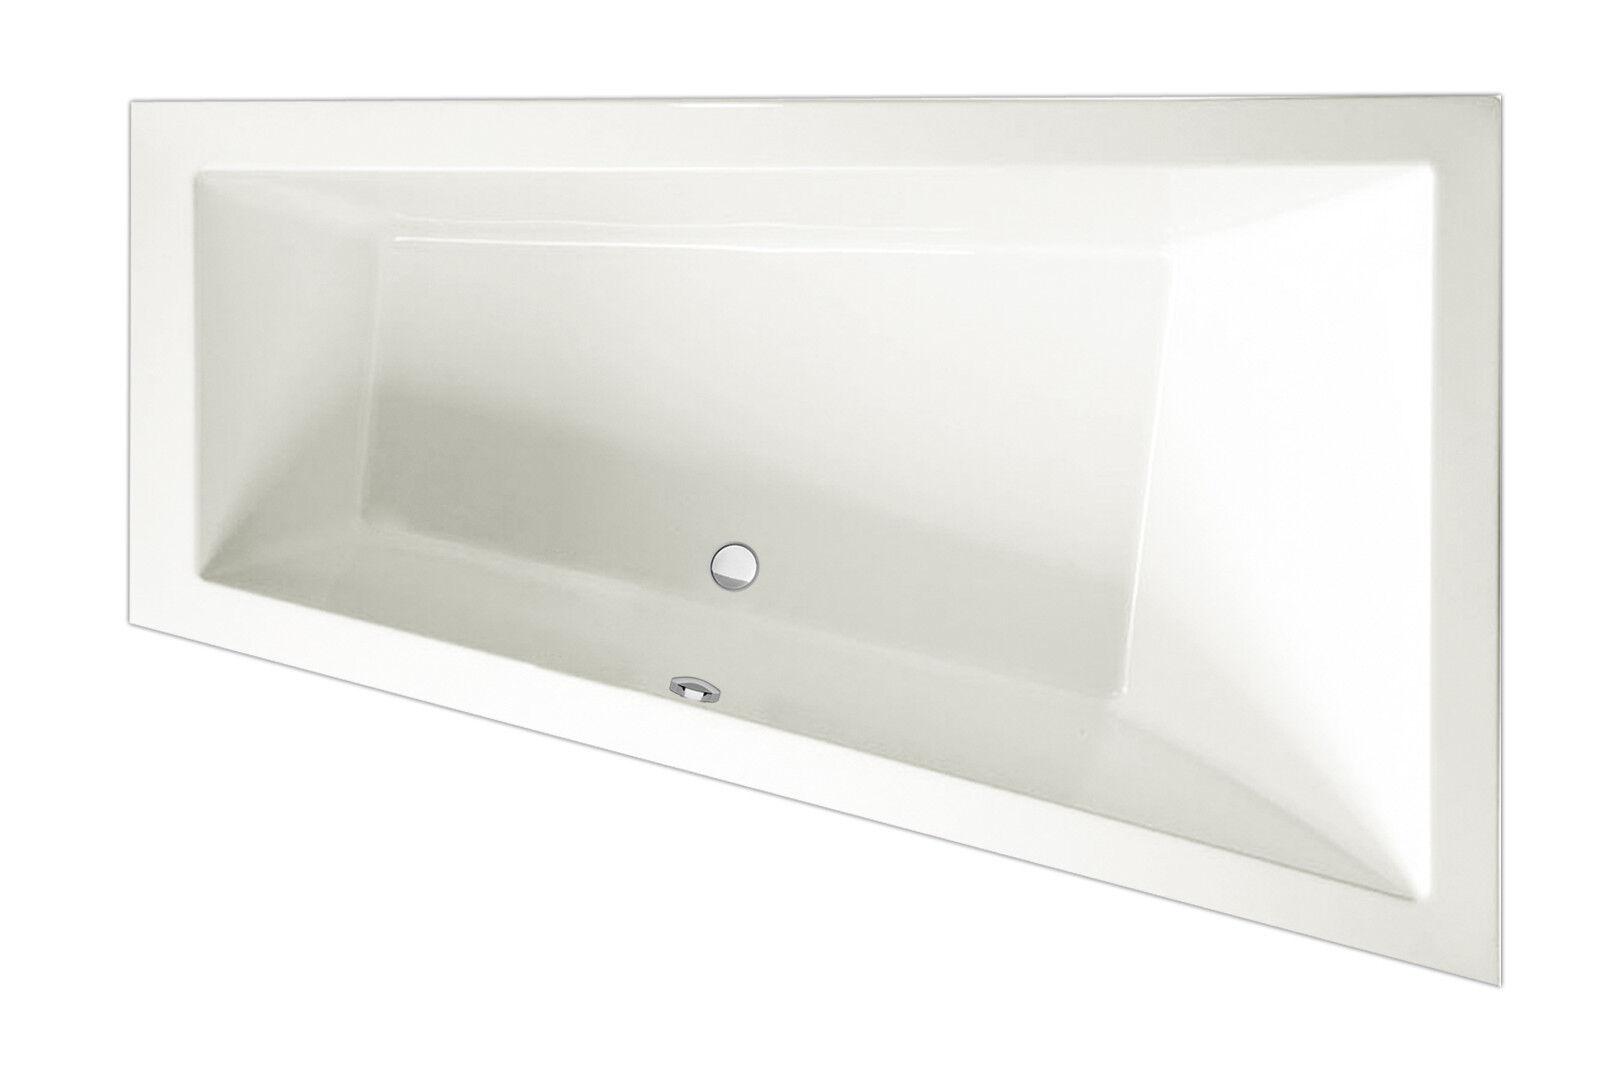 Exclusive Line Raumsparbadewanne 150 x 100 x 50 cm links, Farbe weiß, Acryl